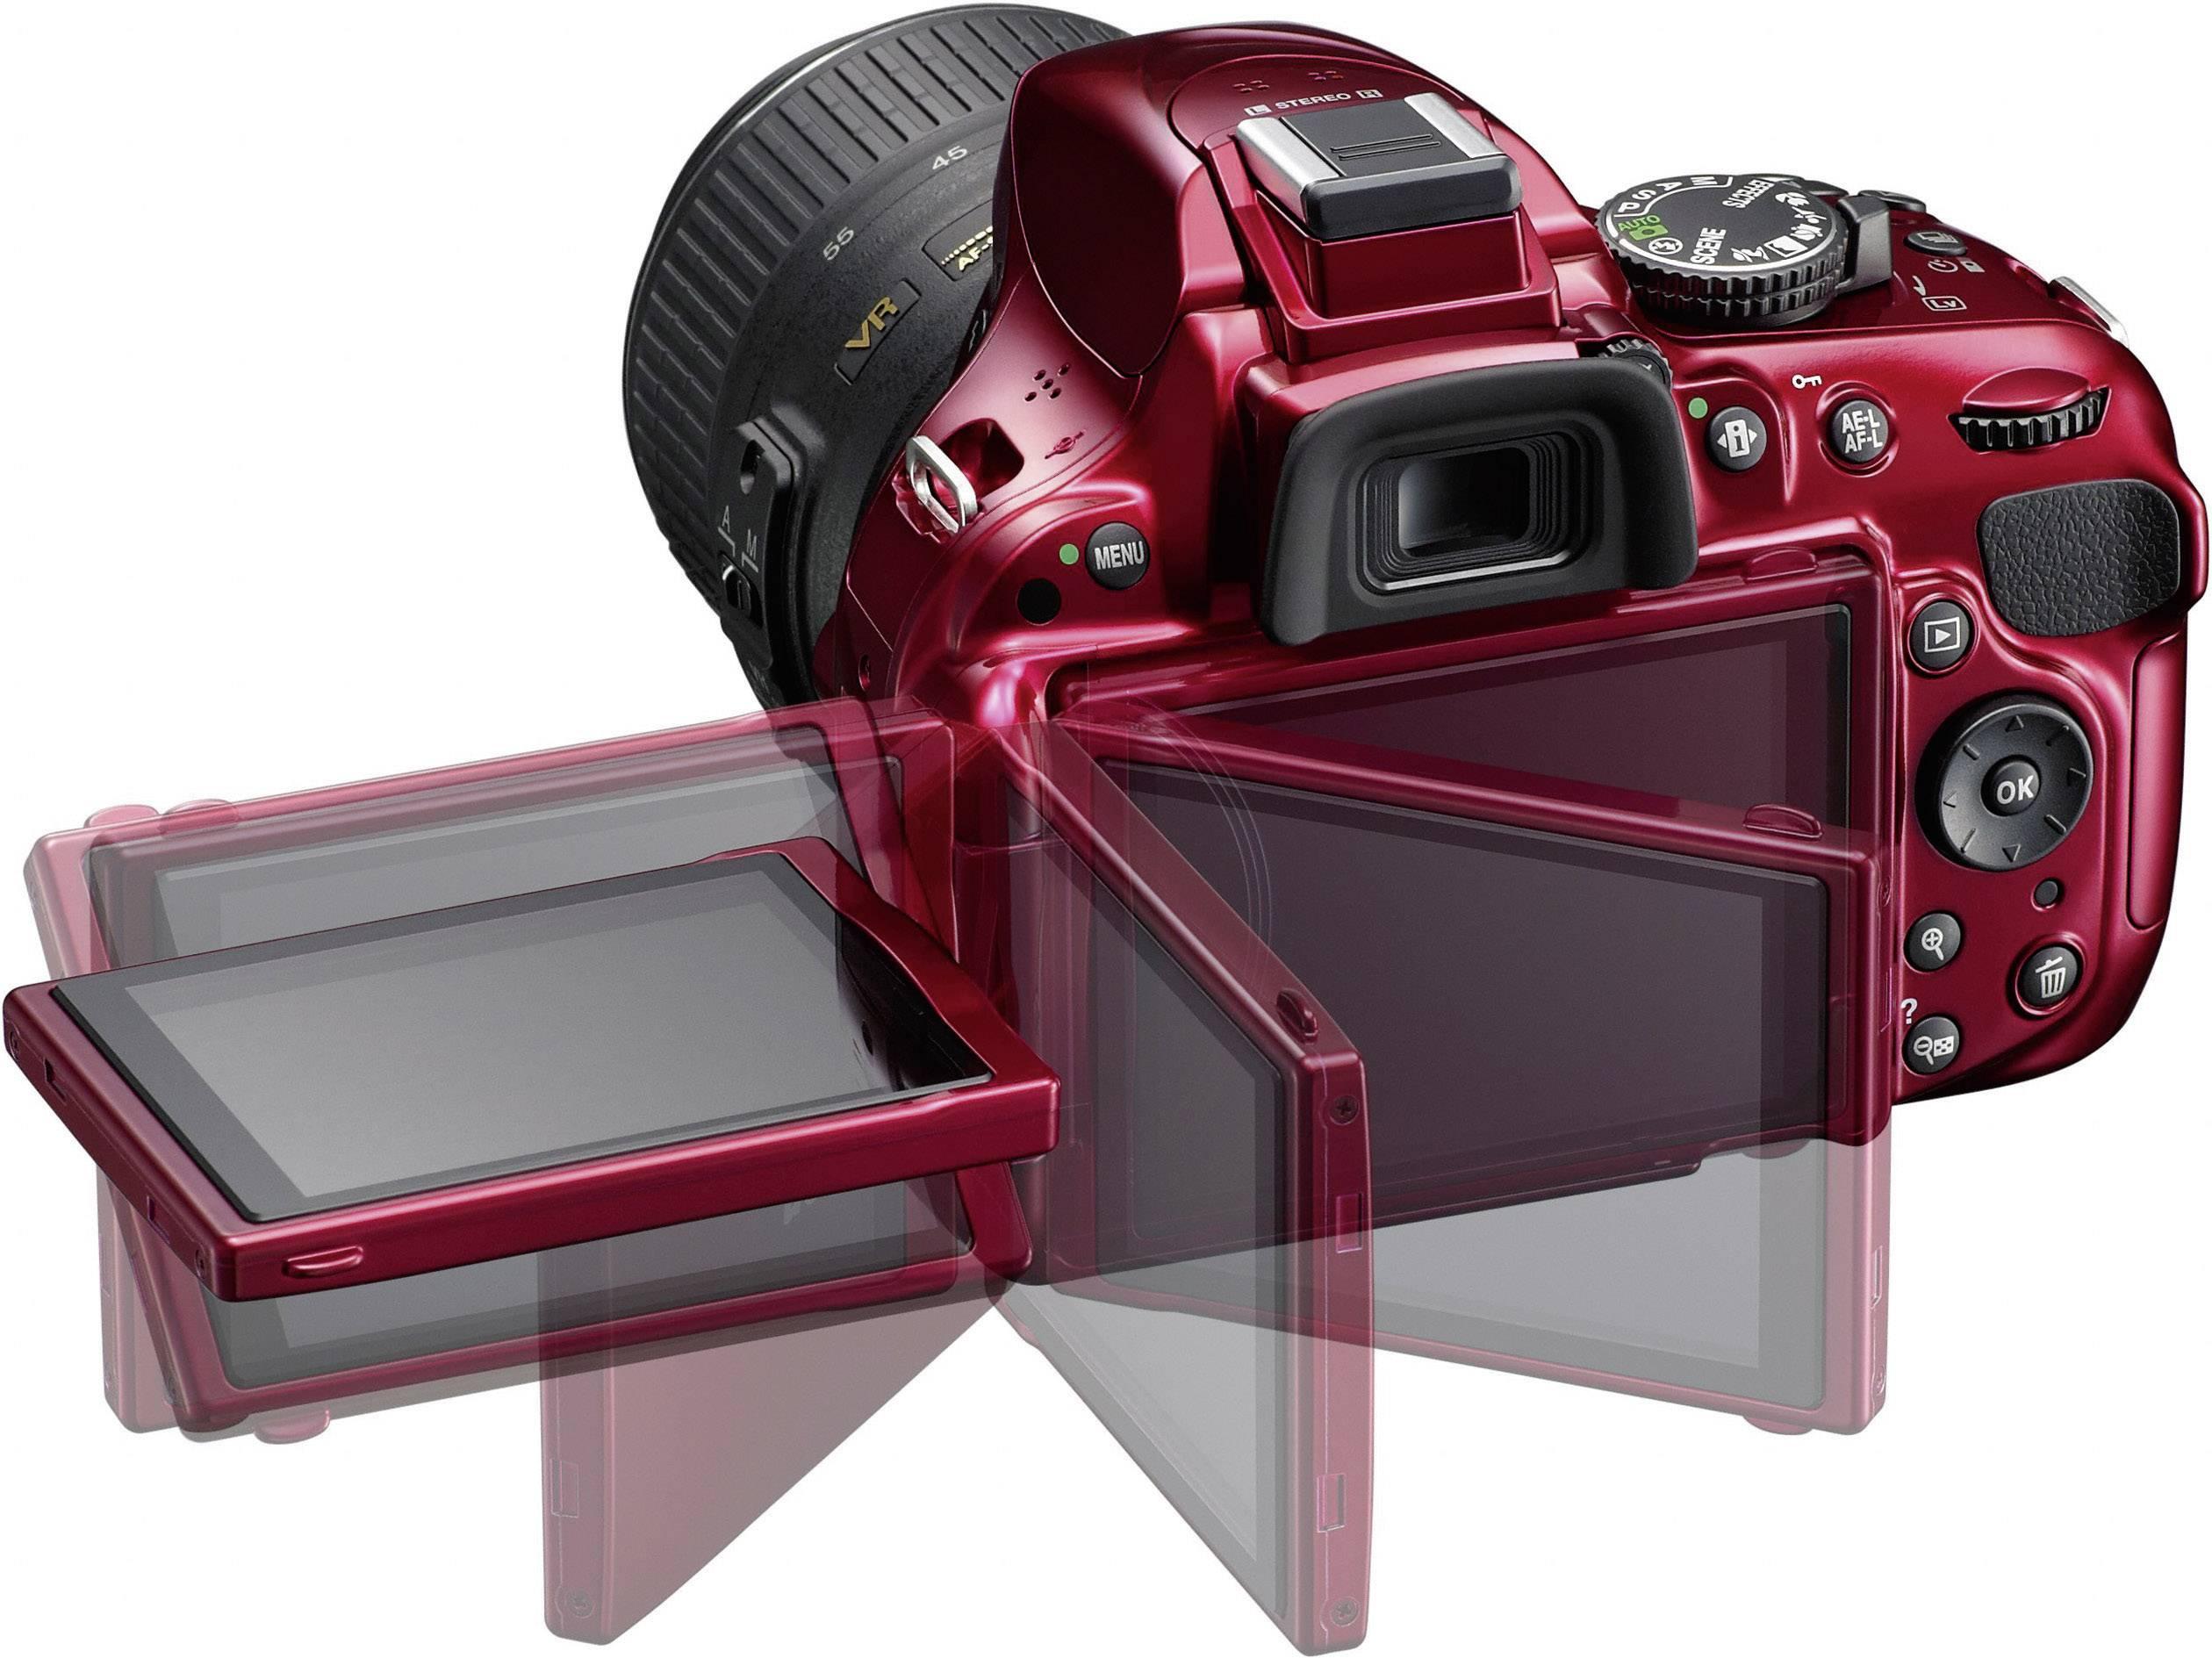 Nikon D5200 Kit Dslr Camera Af S Dx Nikkor 18 55 Mm Vr 24 1 Mp Red Full Hd Video Pivoted Display Optical Viewfinder L Conrad Com